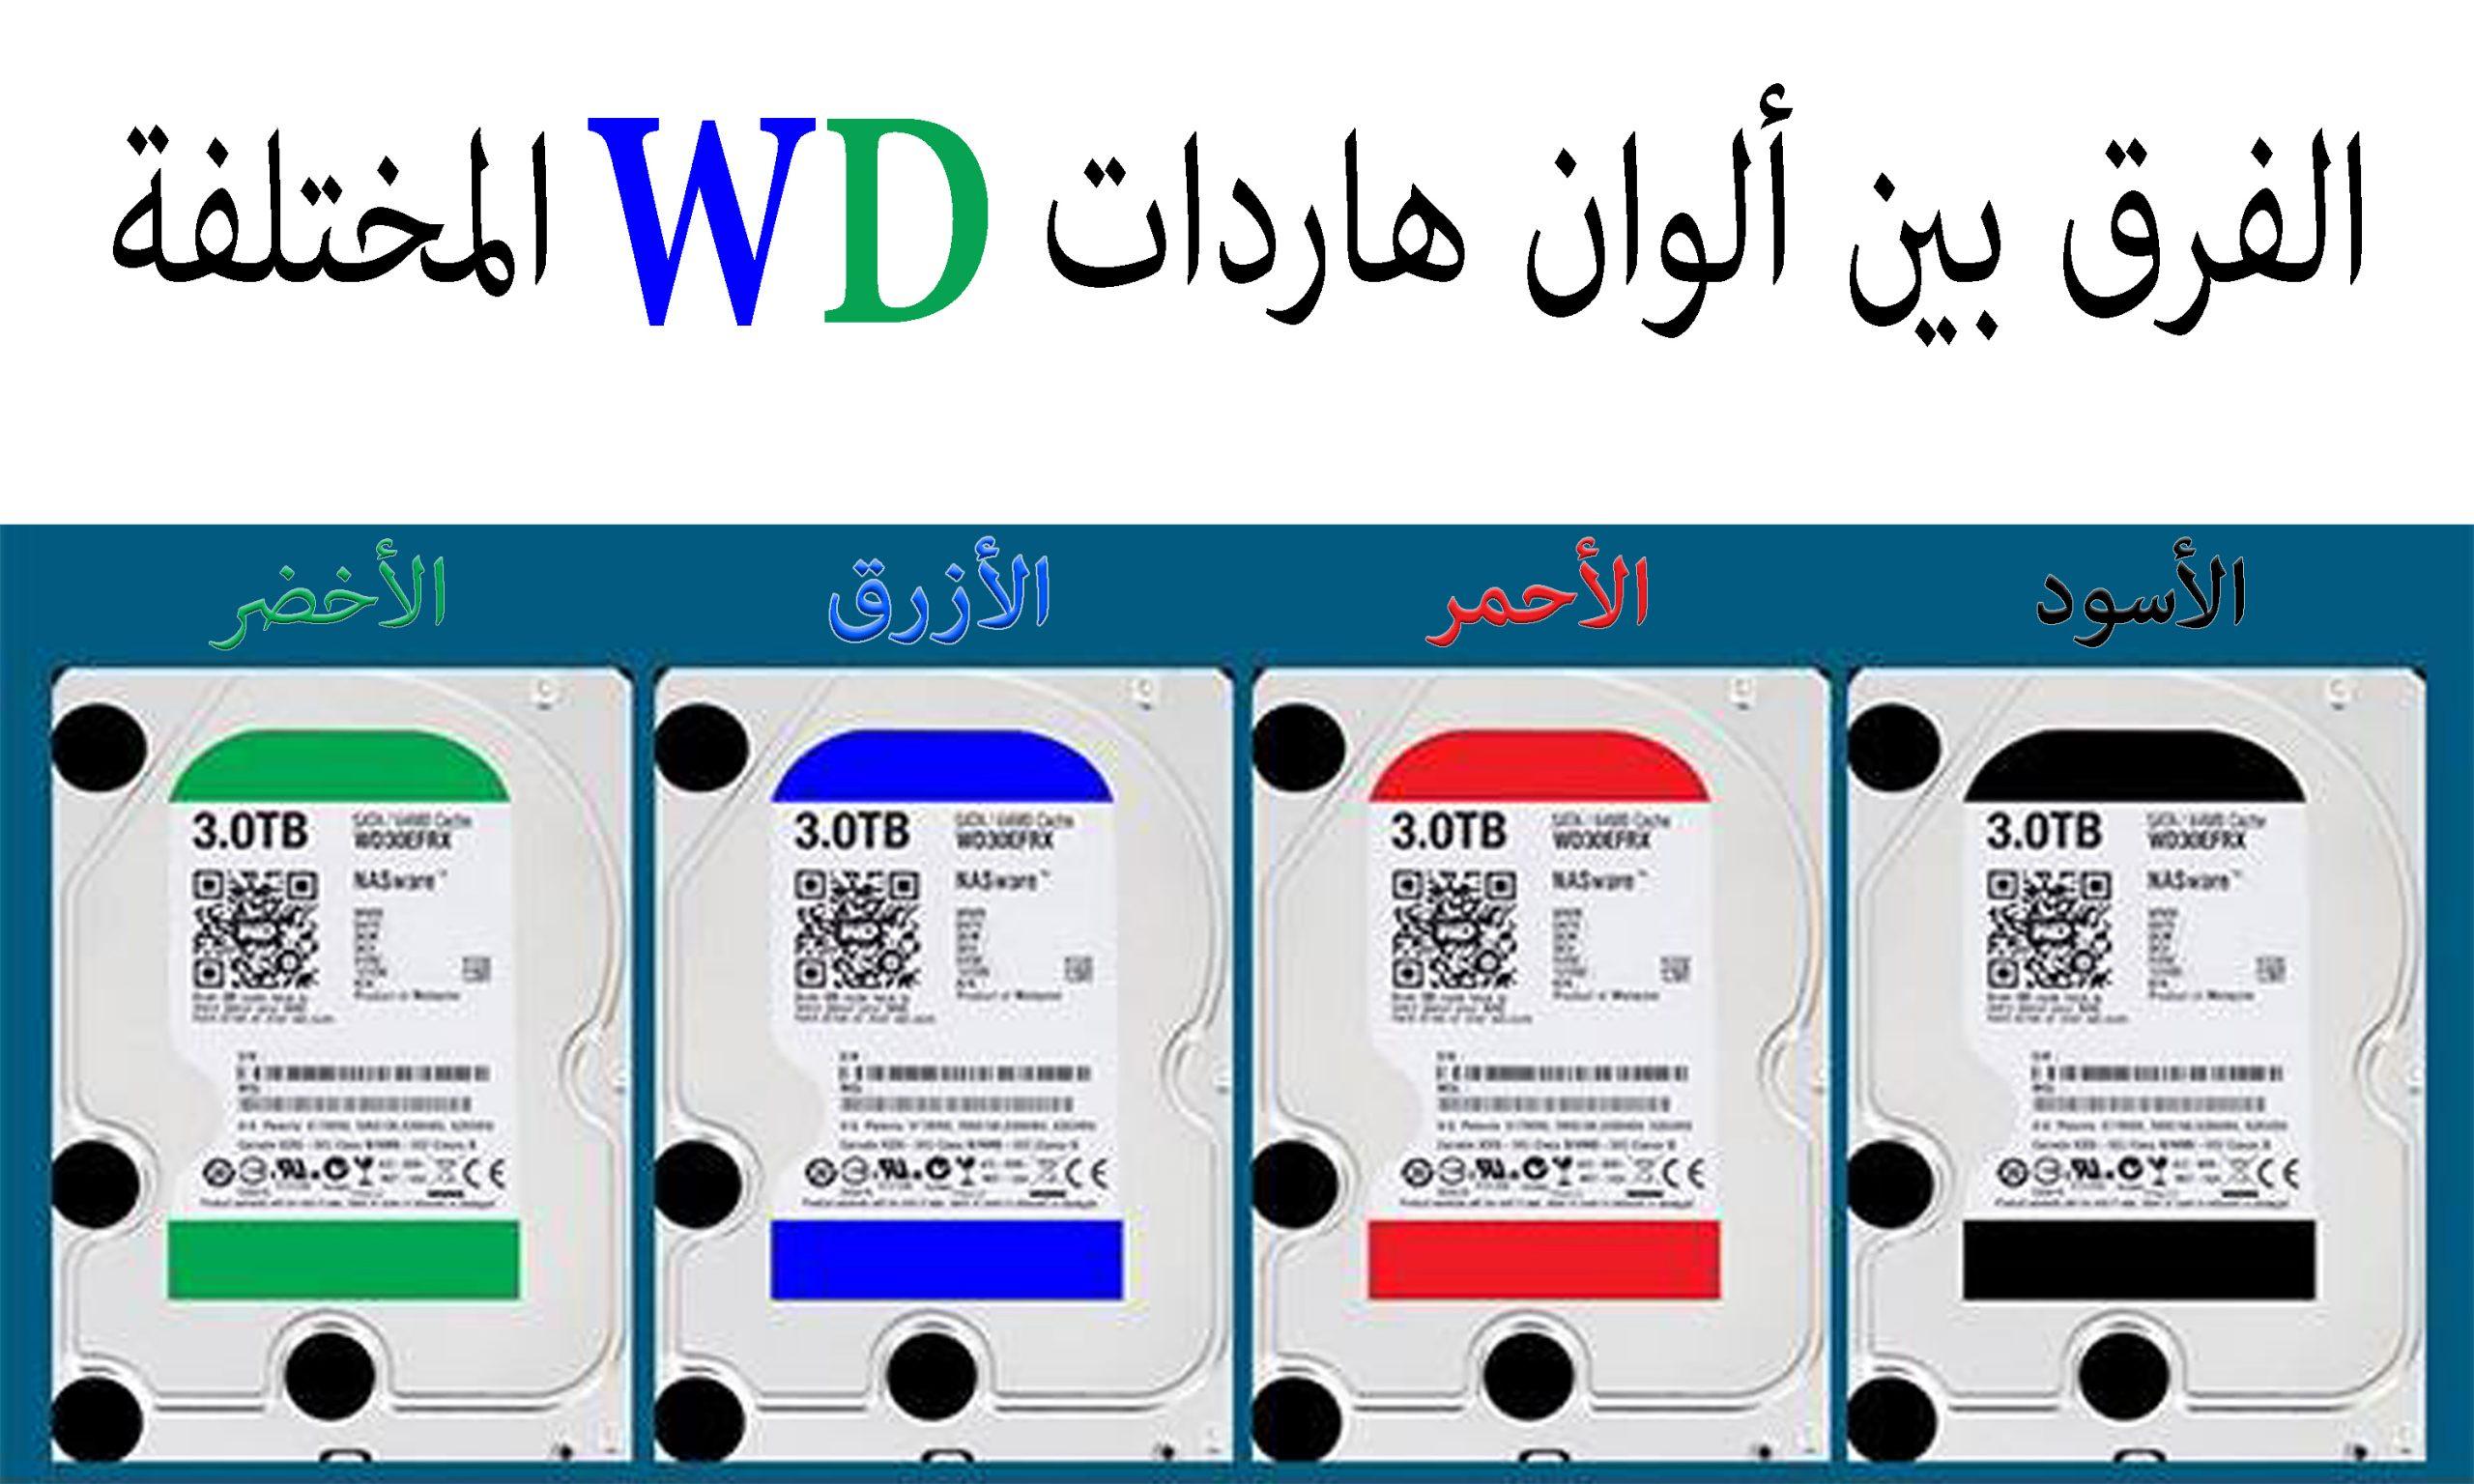 الفرق بين ألوان هاردات Western Digital ما بين Blue أو Green أو غيرهم